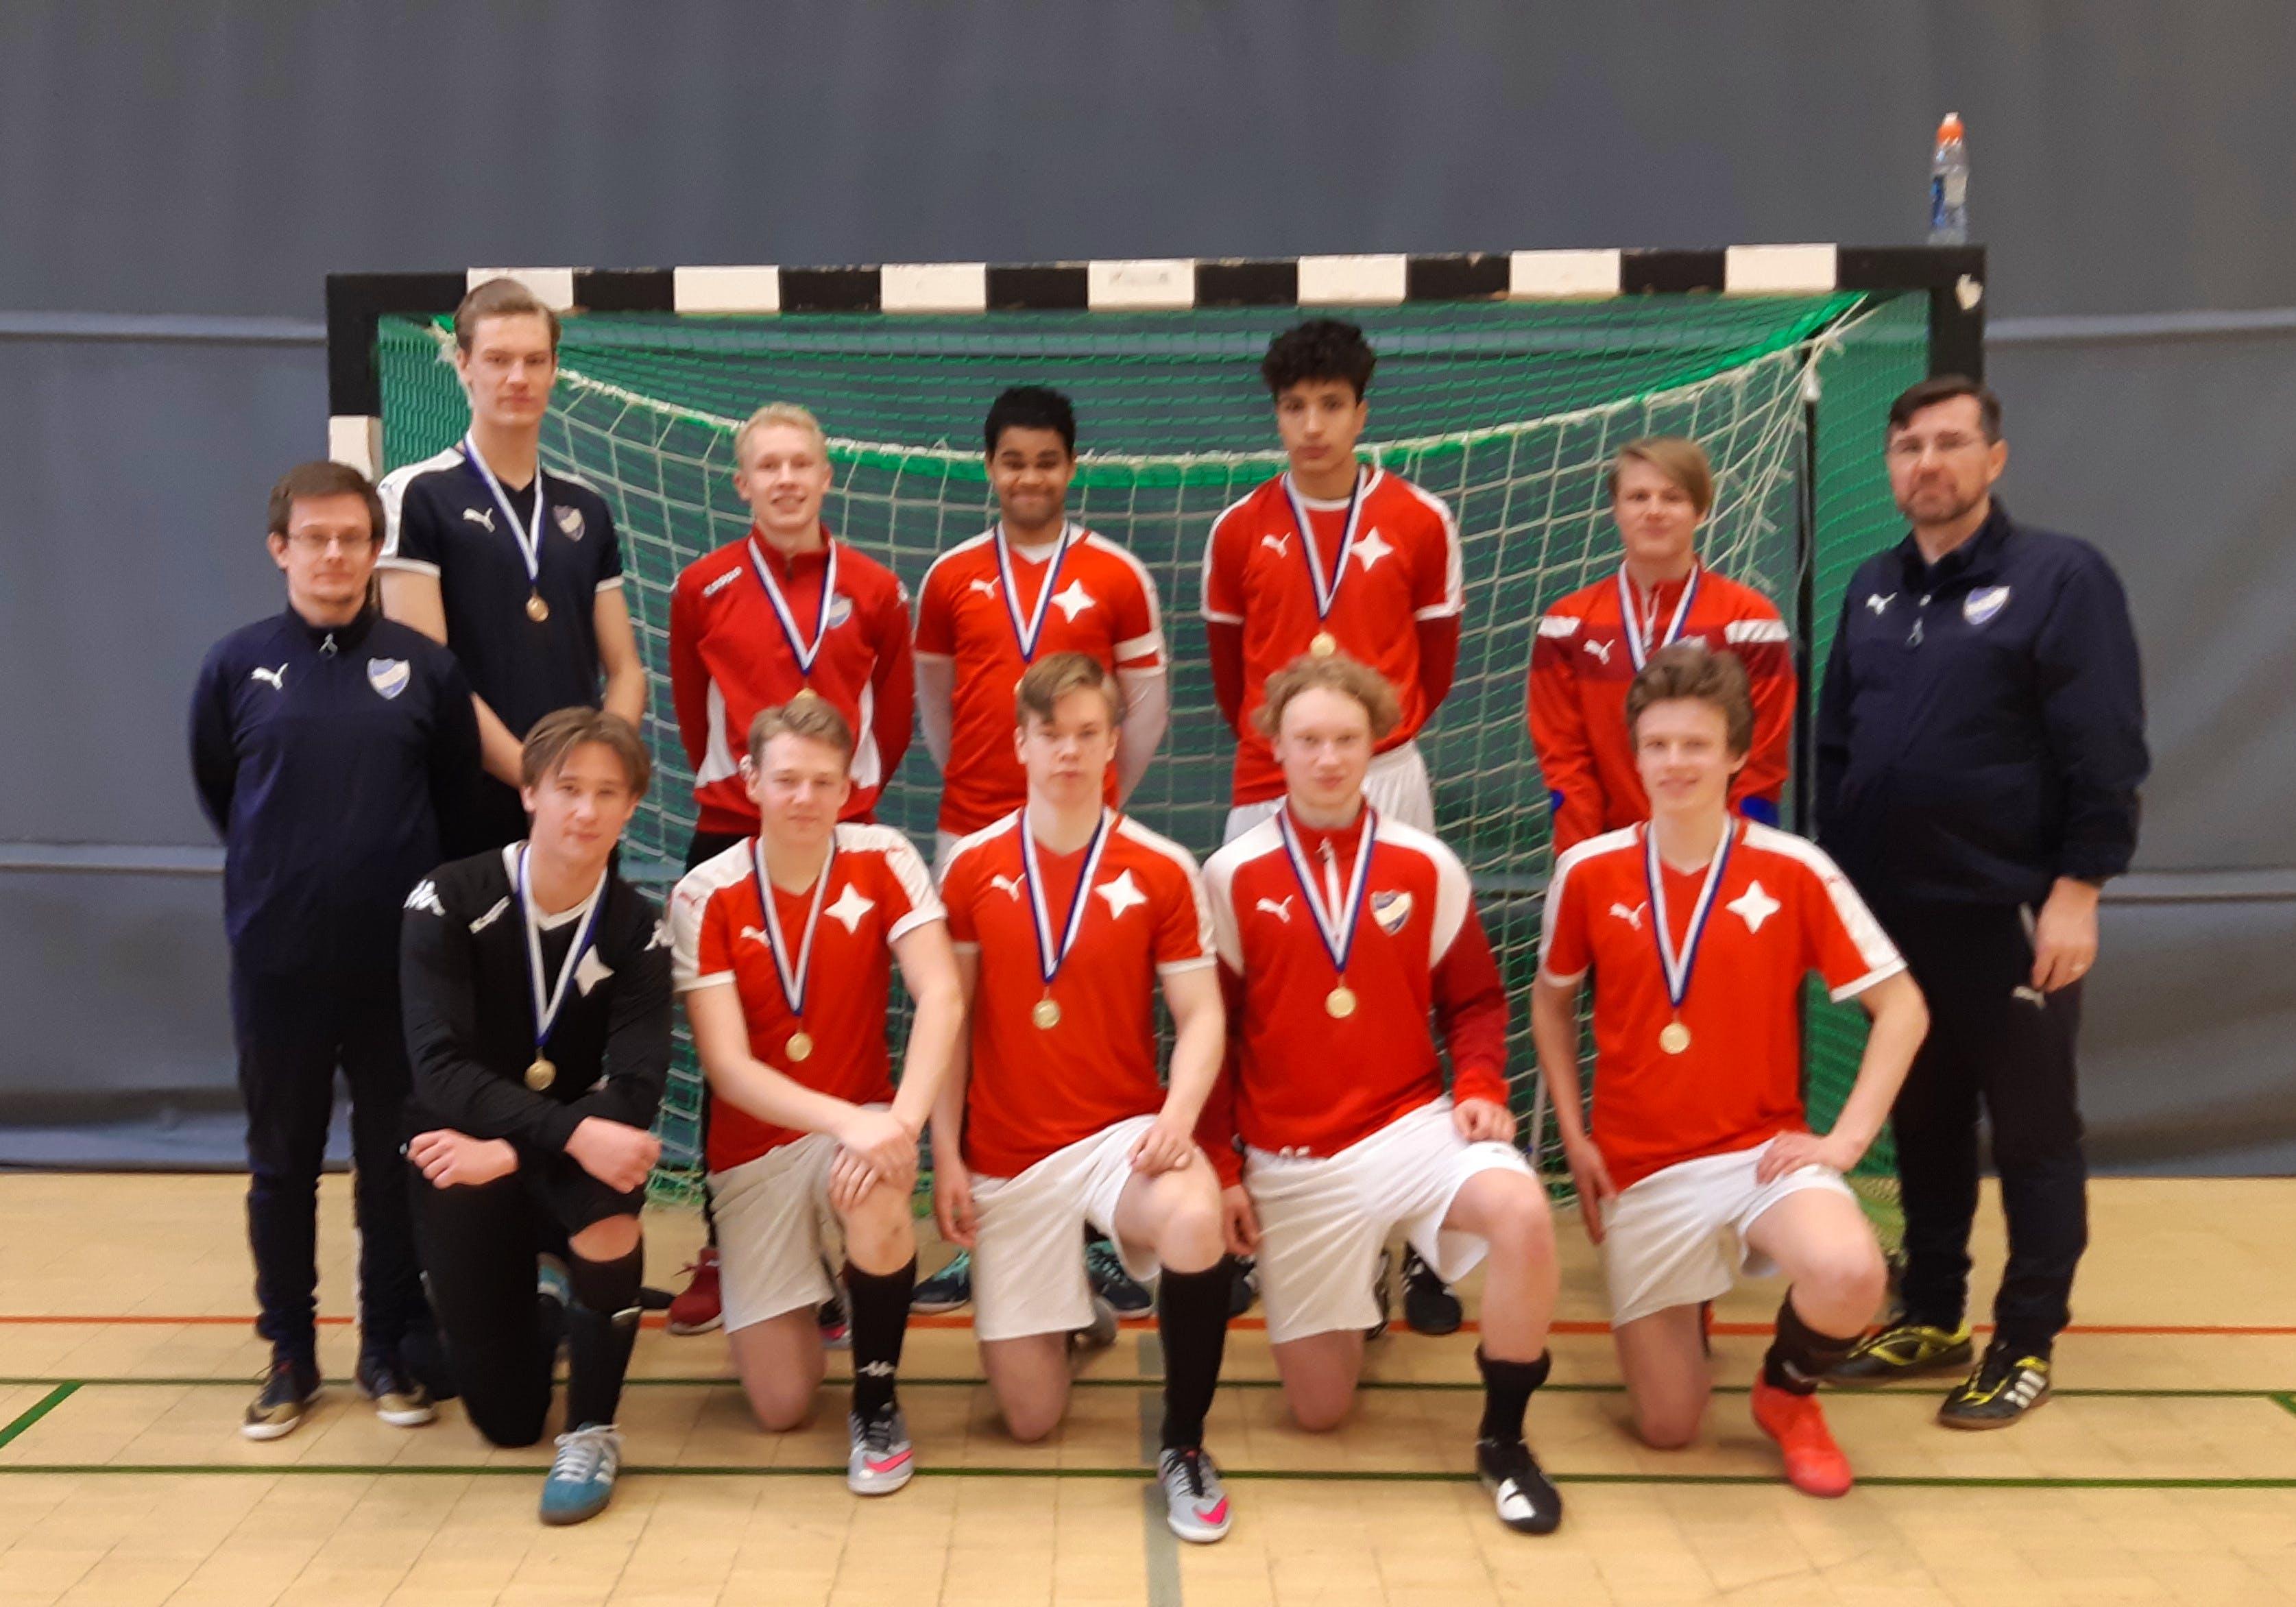 HIFK P20 mästare i Hfors-Nyland regionalserien i futsal